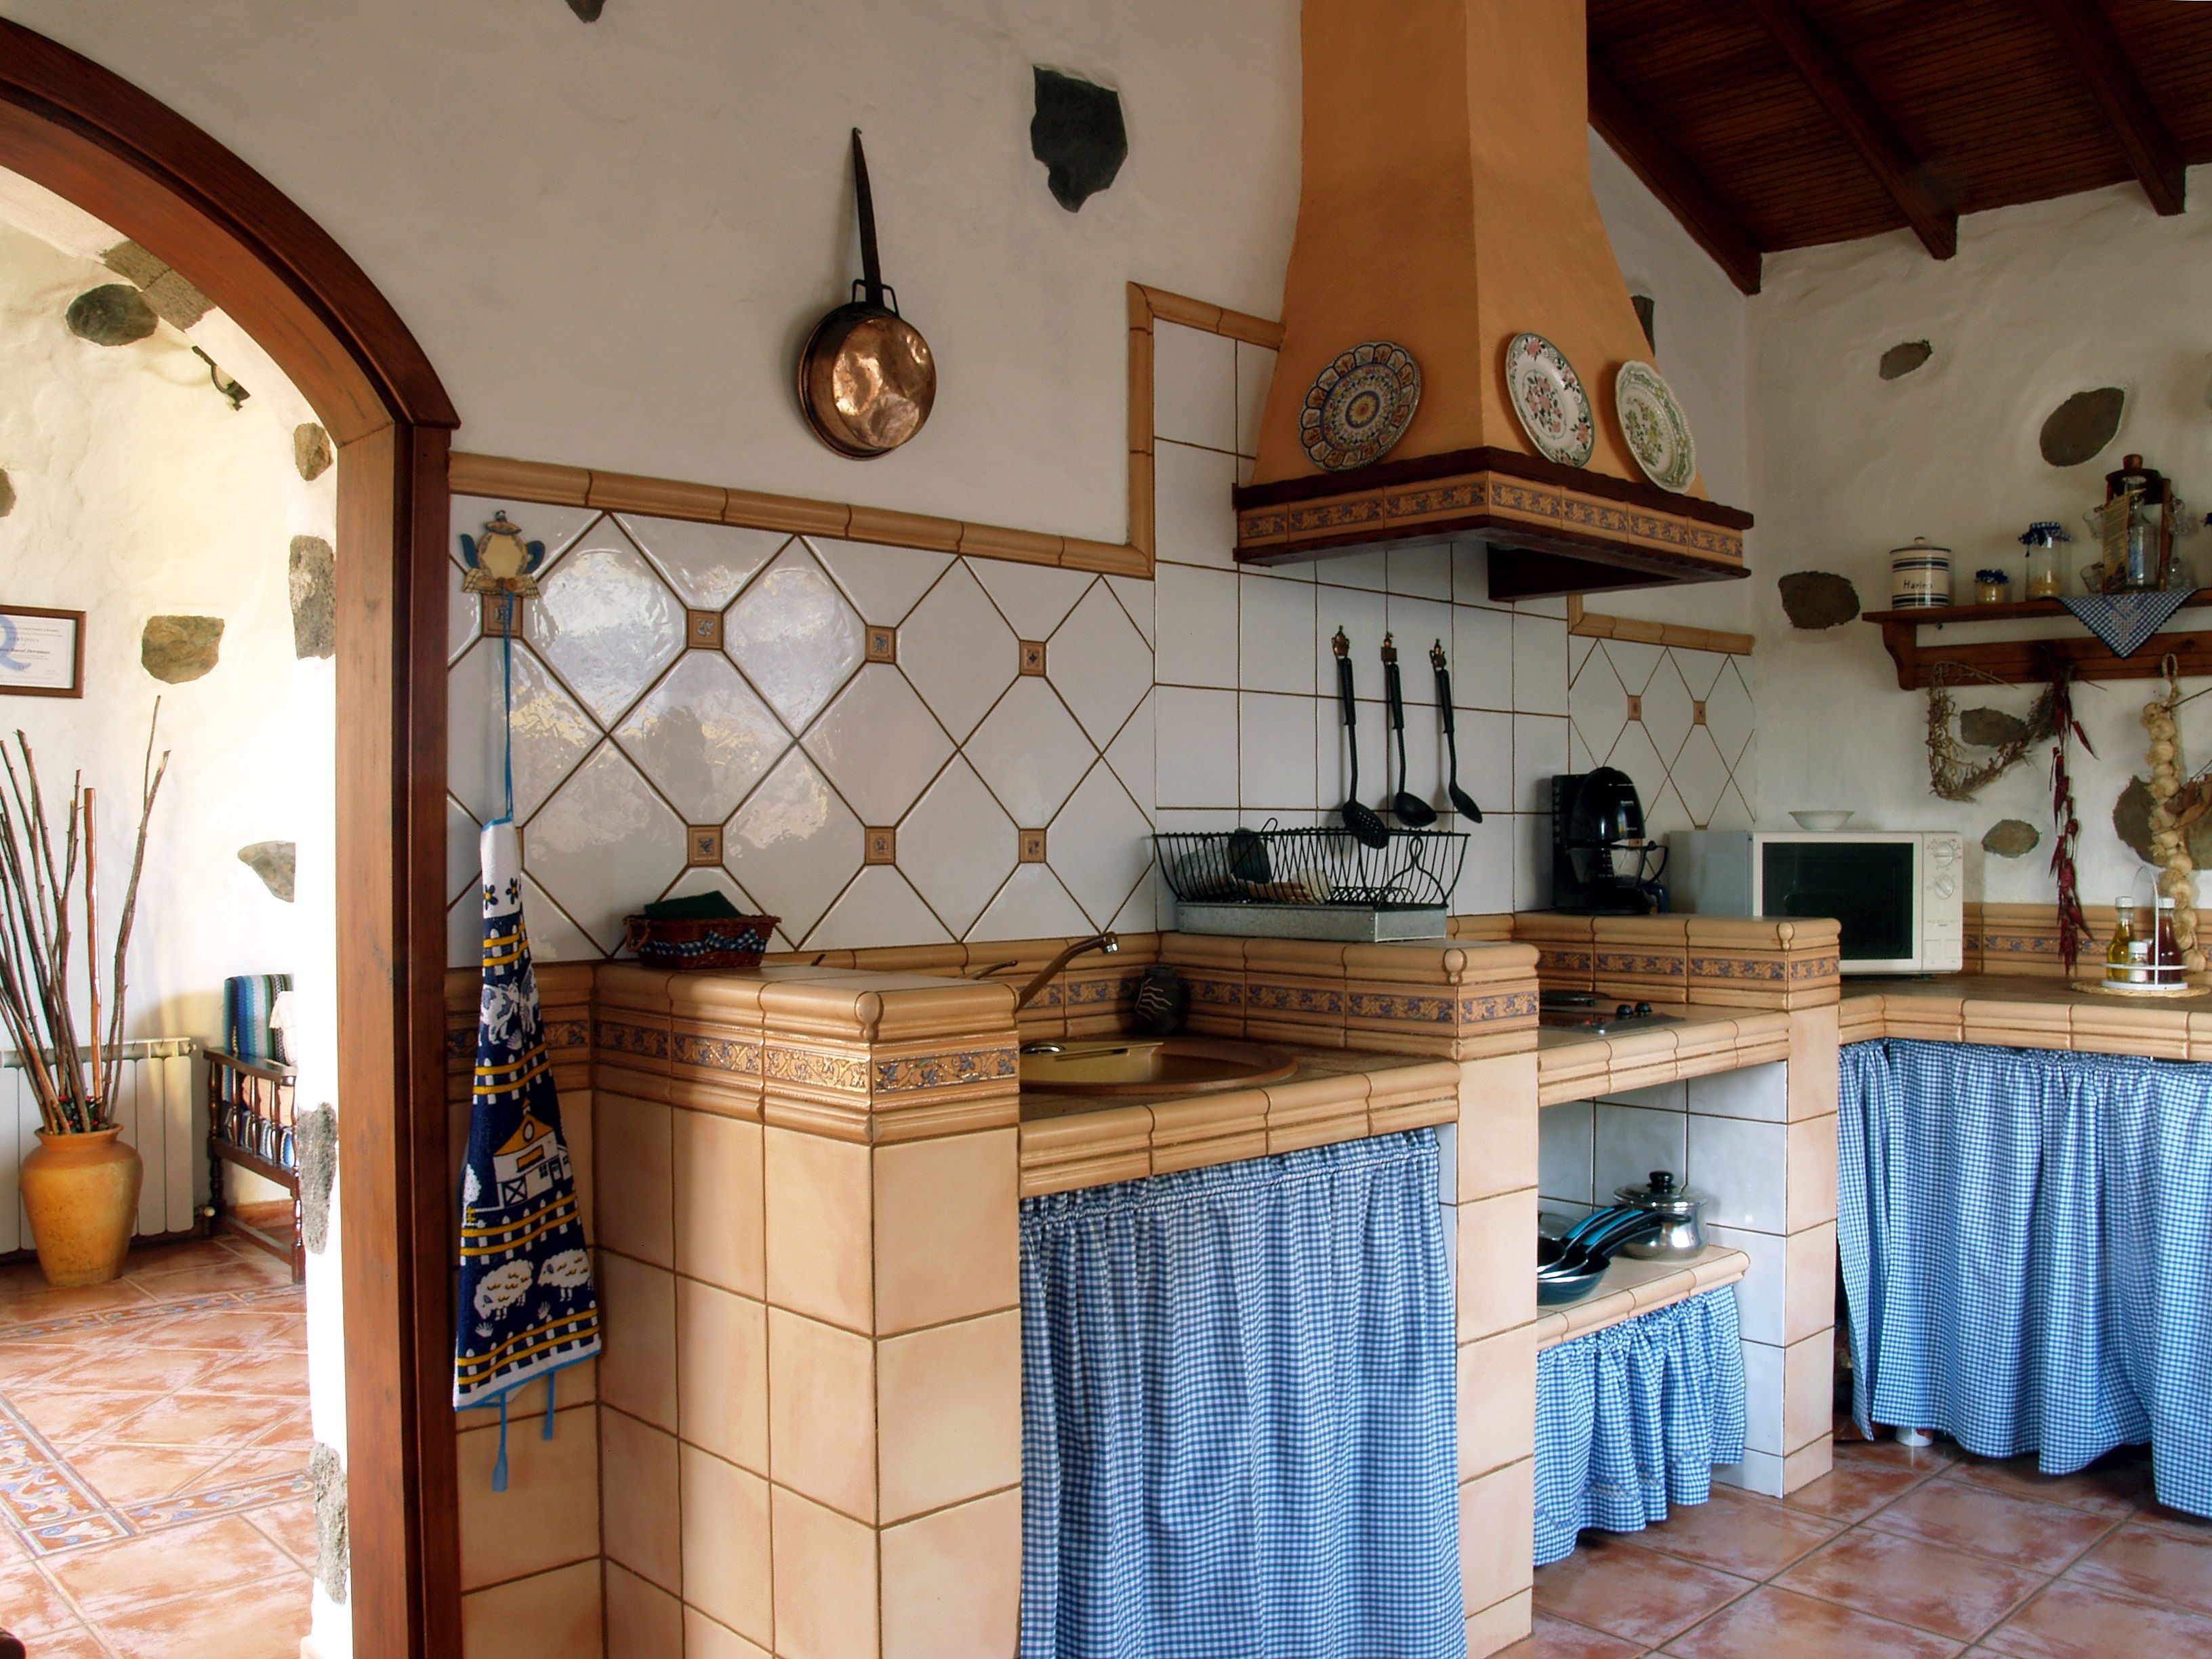 Cocina casa rural doramas pinterest cocinas cocinas r sticas y casas - Decoracion de casas rusticas pequenas ...